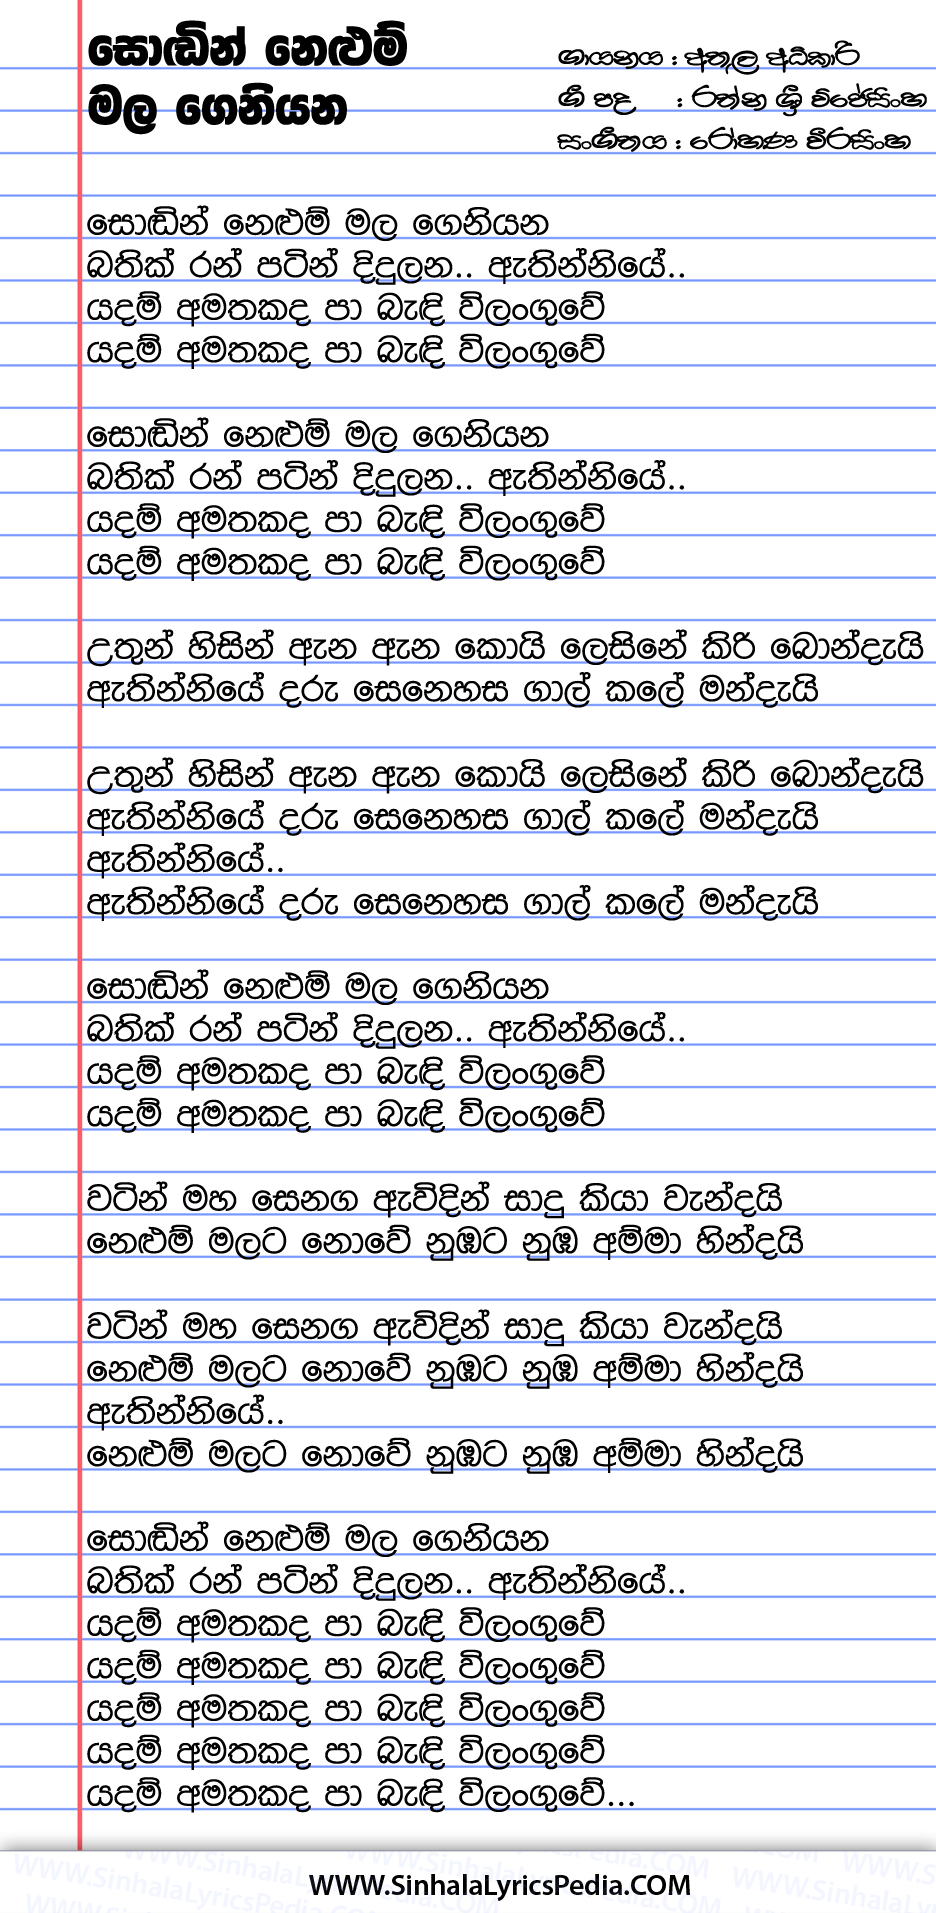 Sodin Nelum Mala Geniyana (Athinniye) Song Lyrics